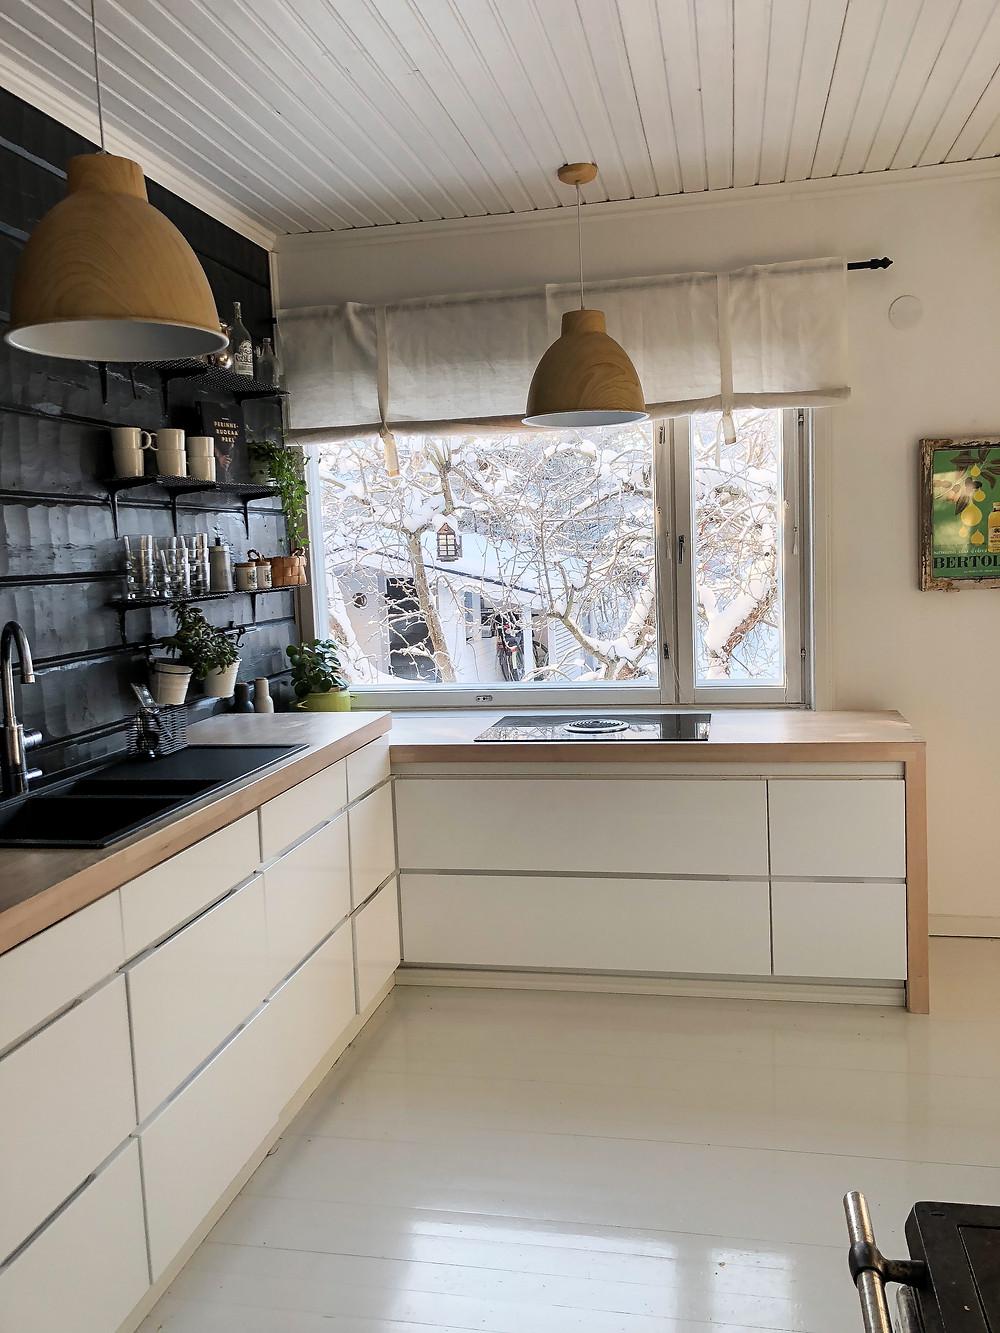 Valkoinen keittiö seinäidea, Kvik Mano Gloss, Integroidut kodinkoneet keittiössä, Integrated kitchen appliances, White kitchen wooden worktop dark walls,  White kitchen wall ideas